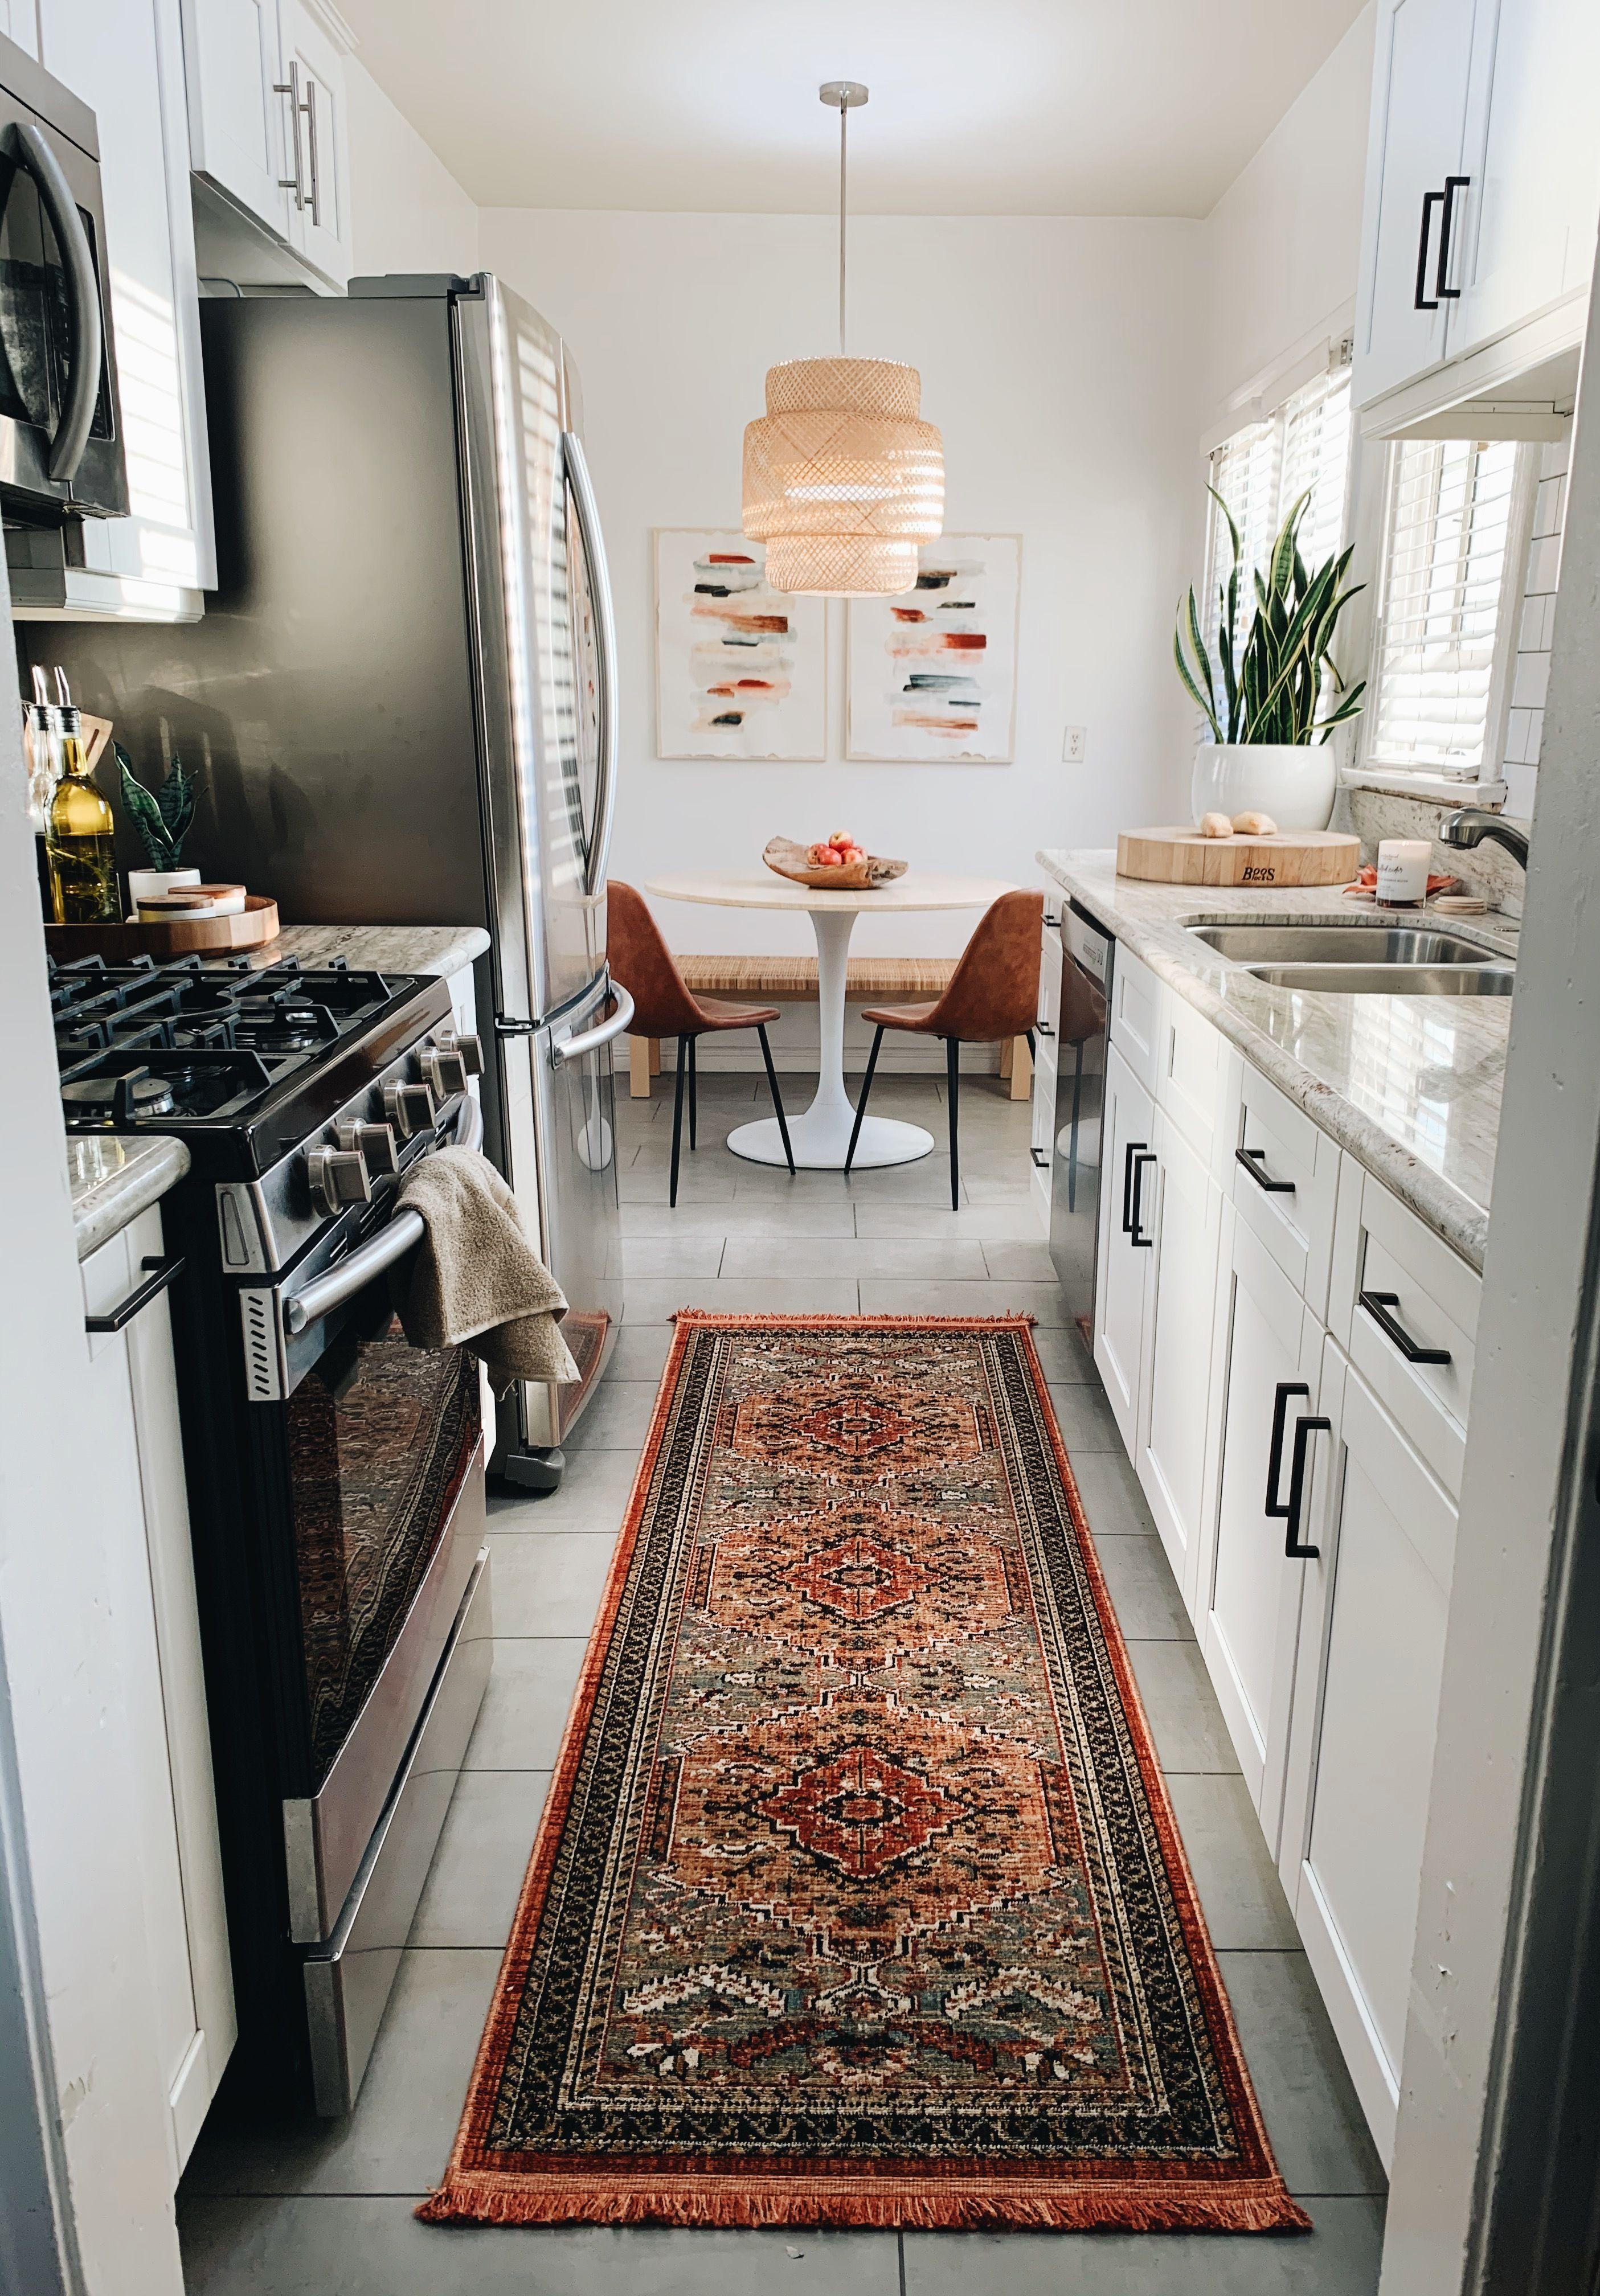 Kitchen Makeover Xo Macenna Kitchen Makeover Rental House Decorating Boho Chic Kitchen